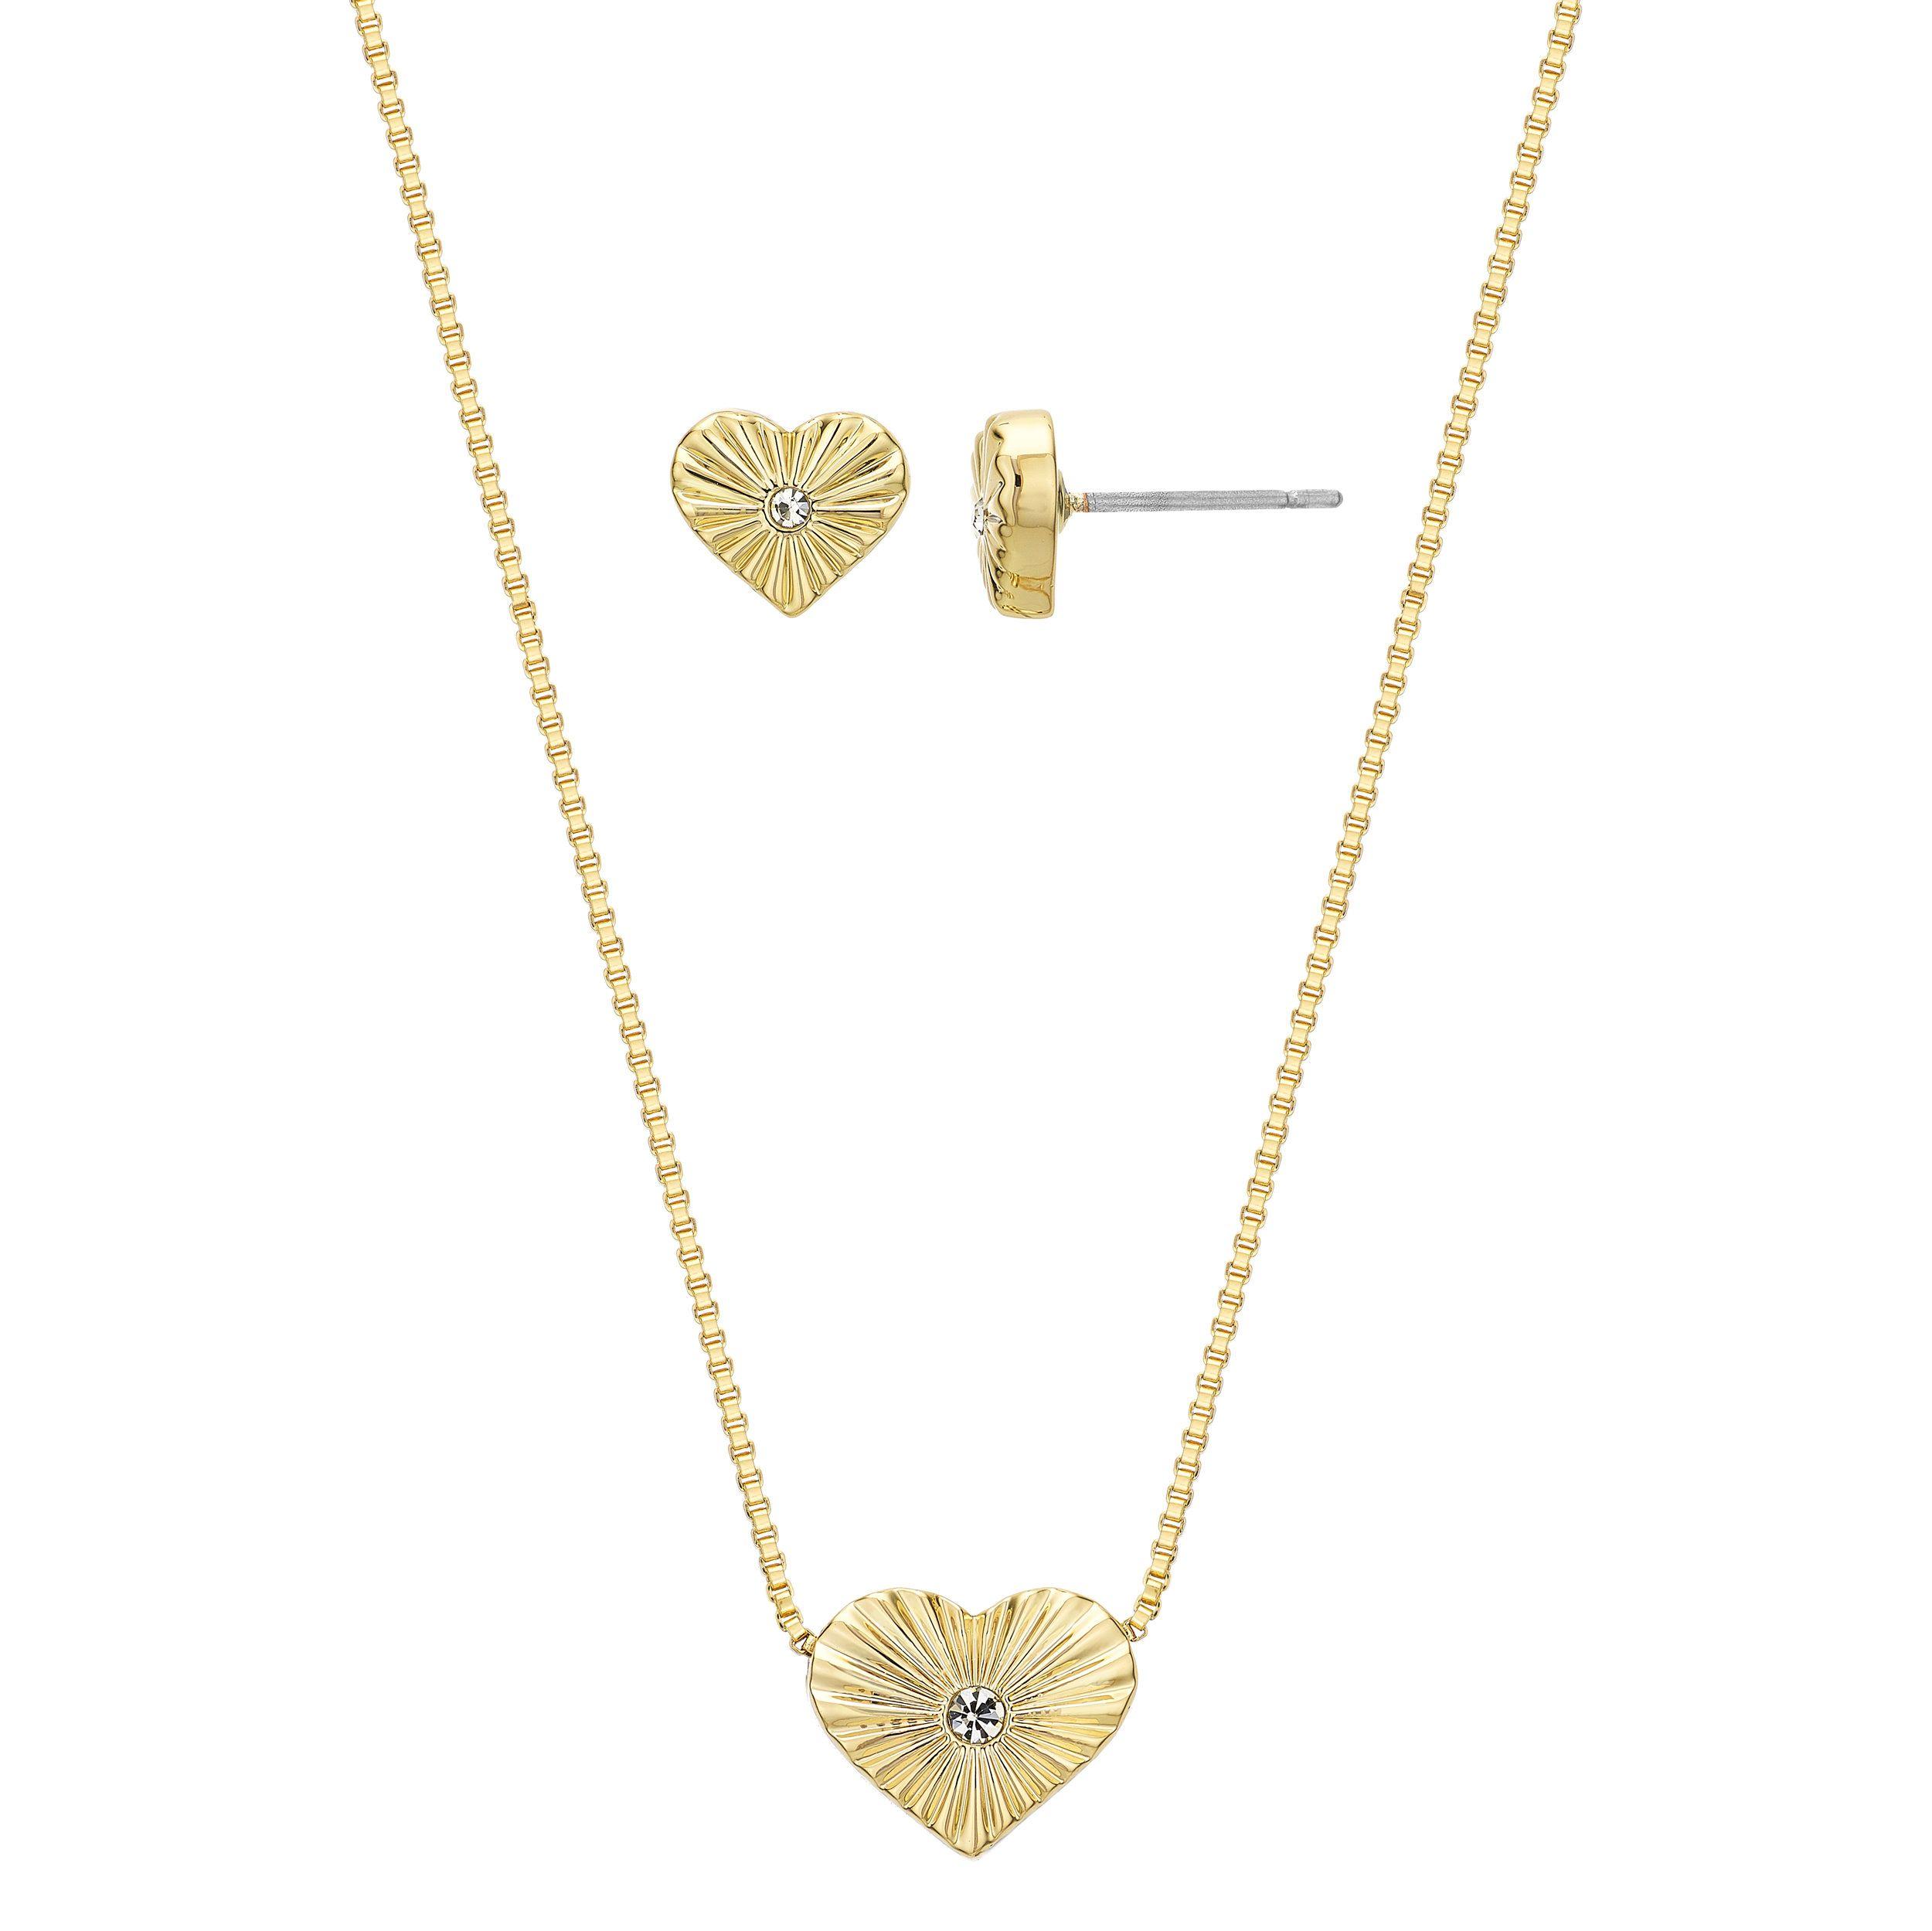 Buckley London Heart of Gold Pendant & Earring Set